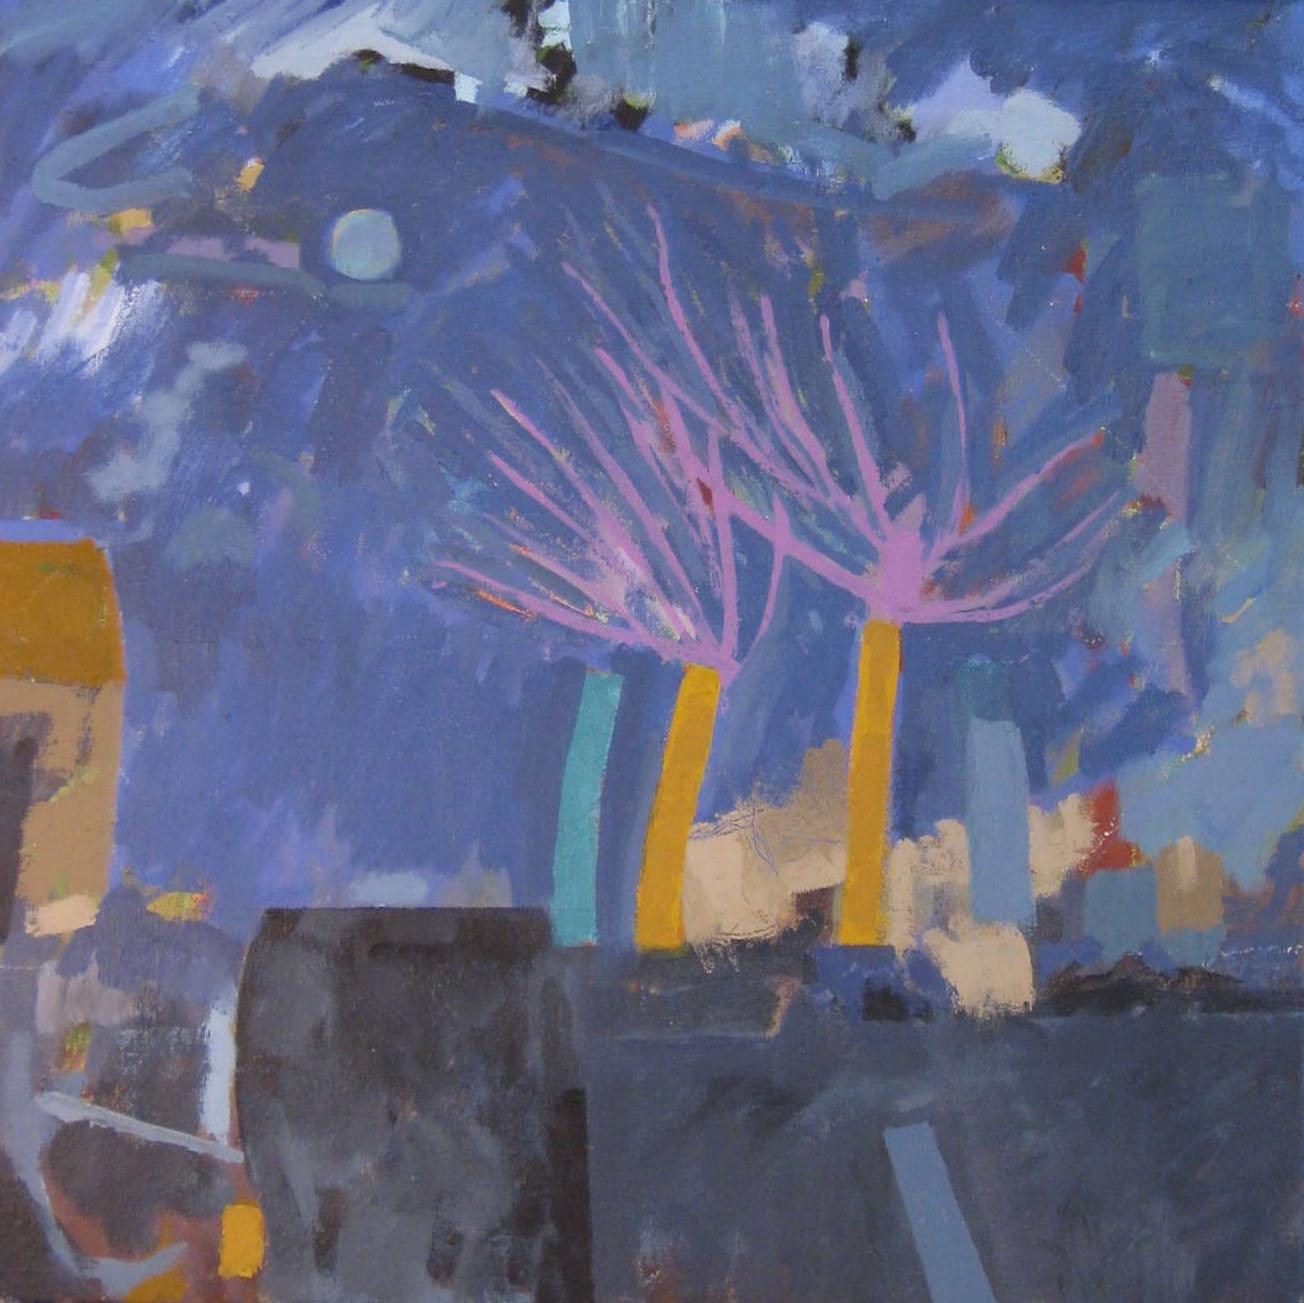 Blue Autumn , Oil on canvas, 40 x 40 cm